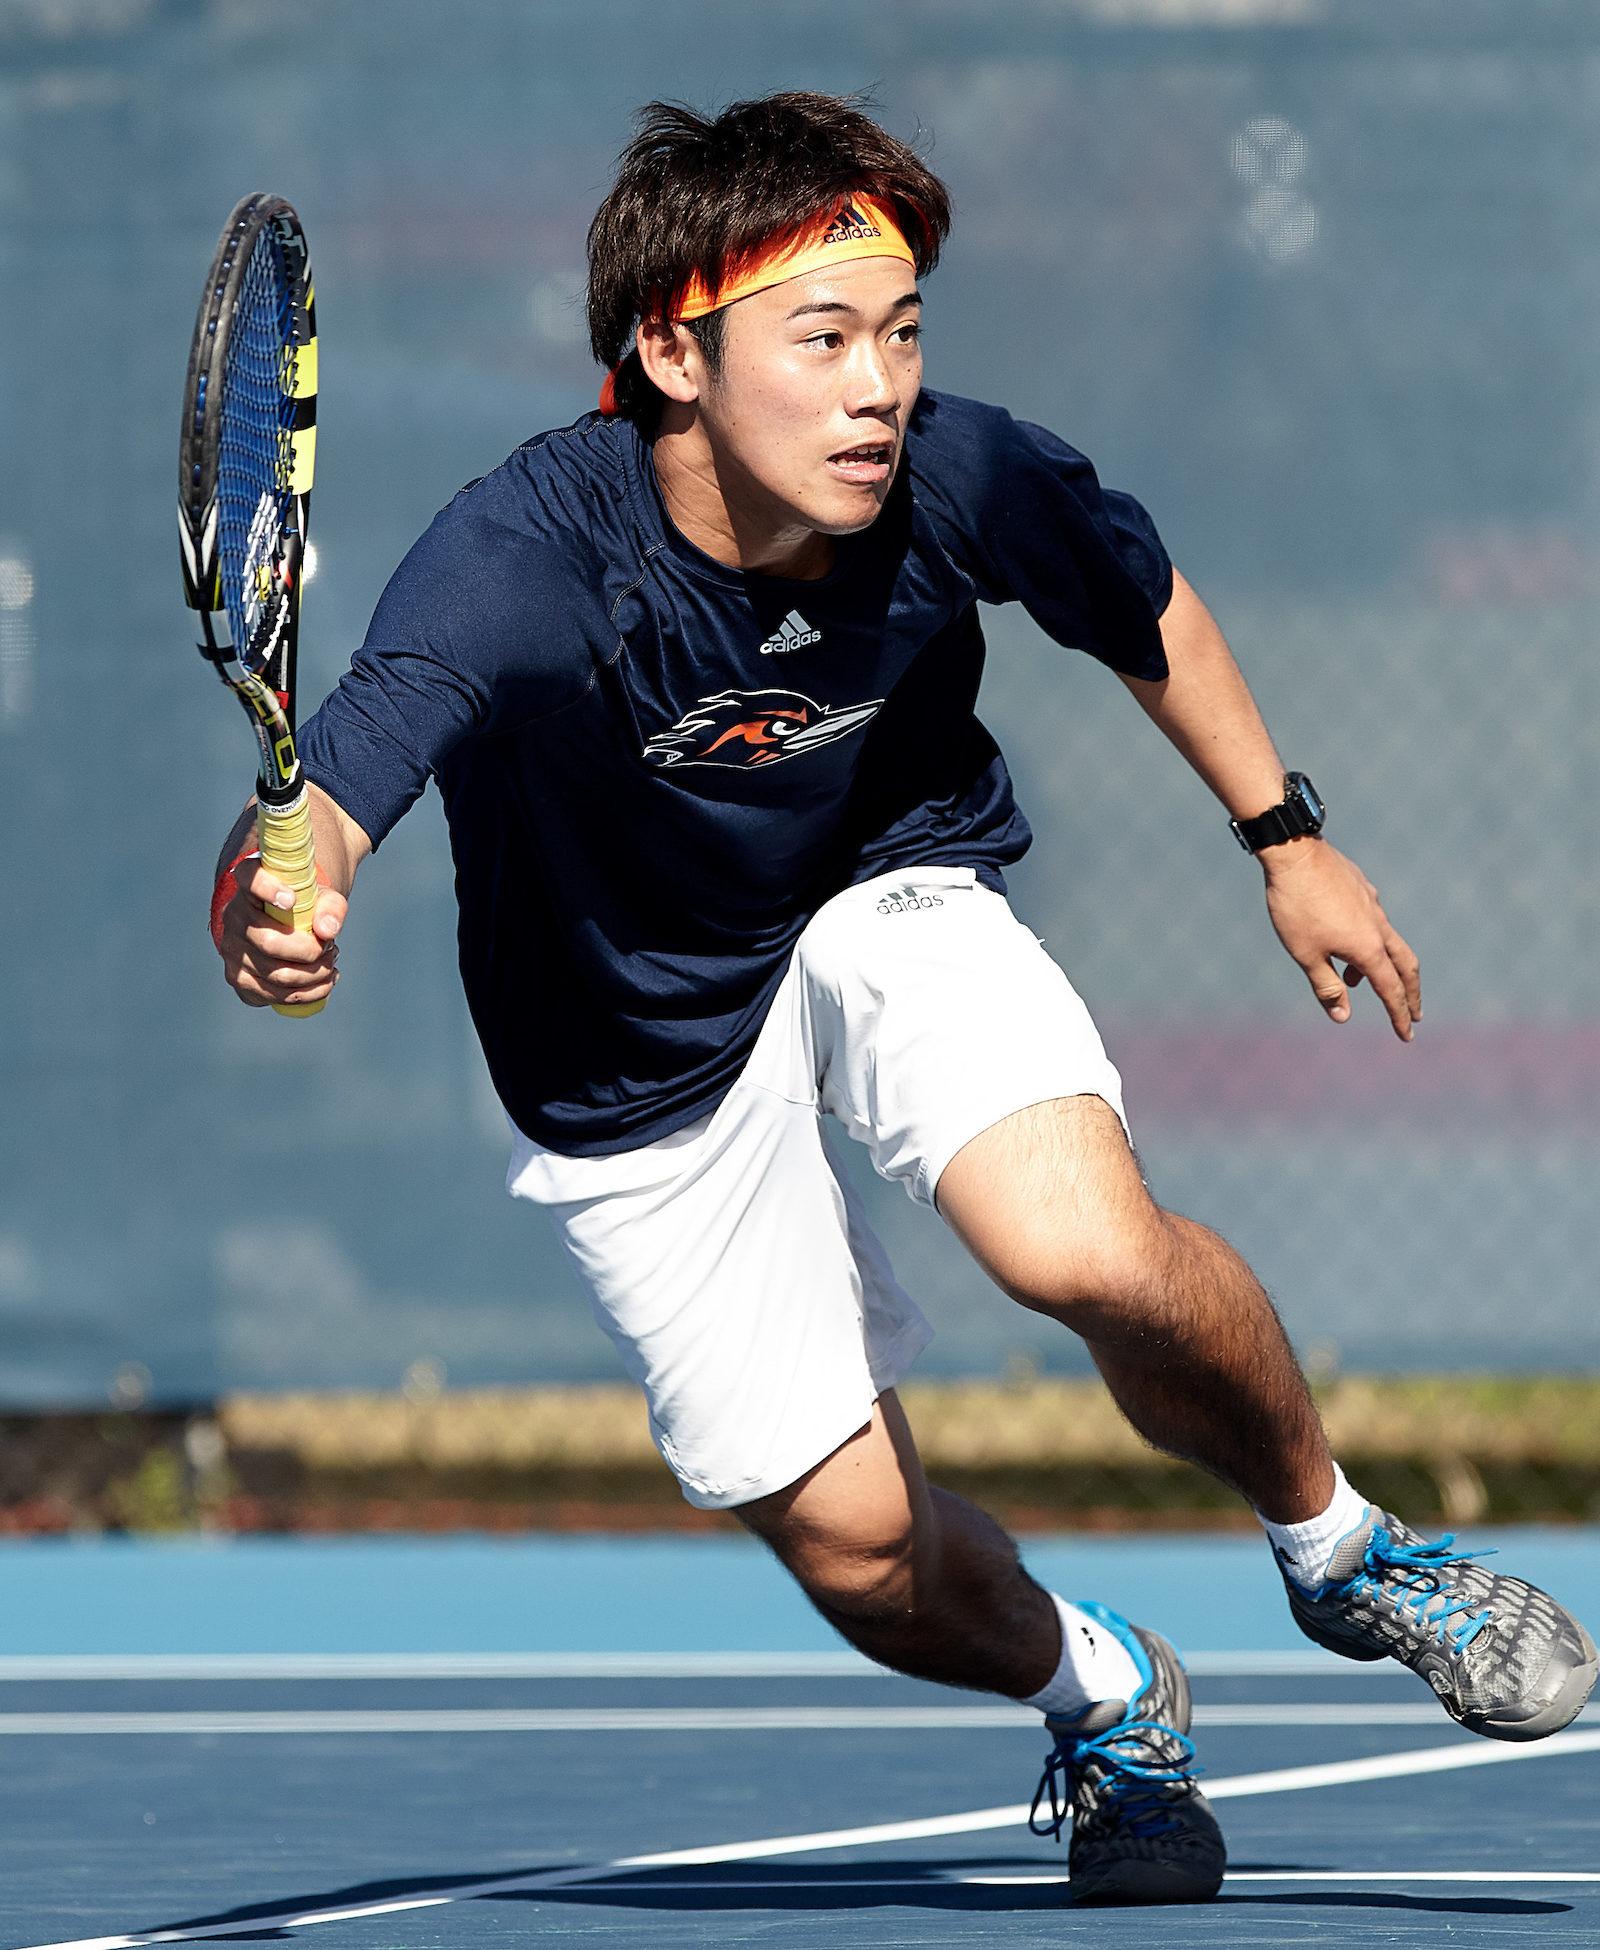 Takeru Watanbe chases down the shot. Photo by Jeff Huehn